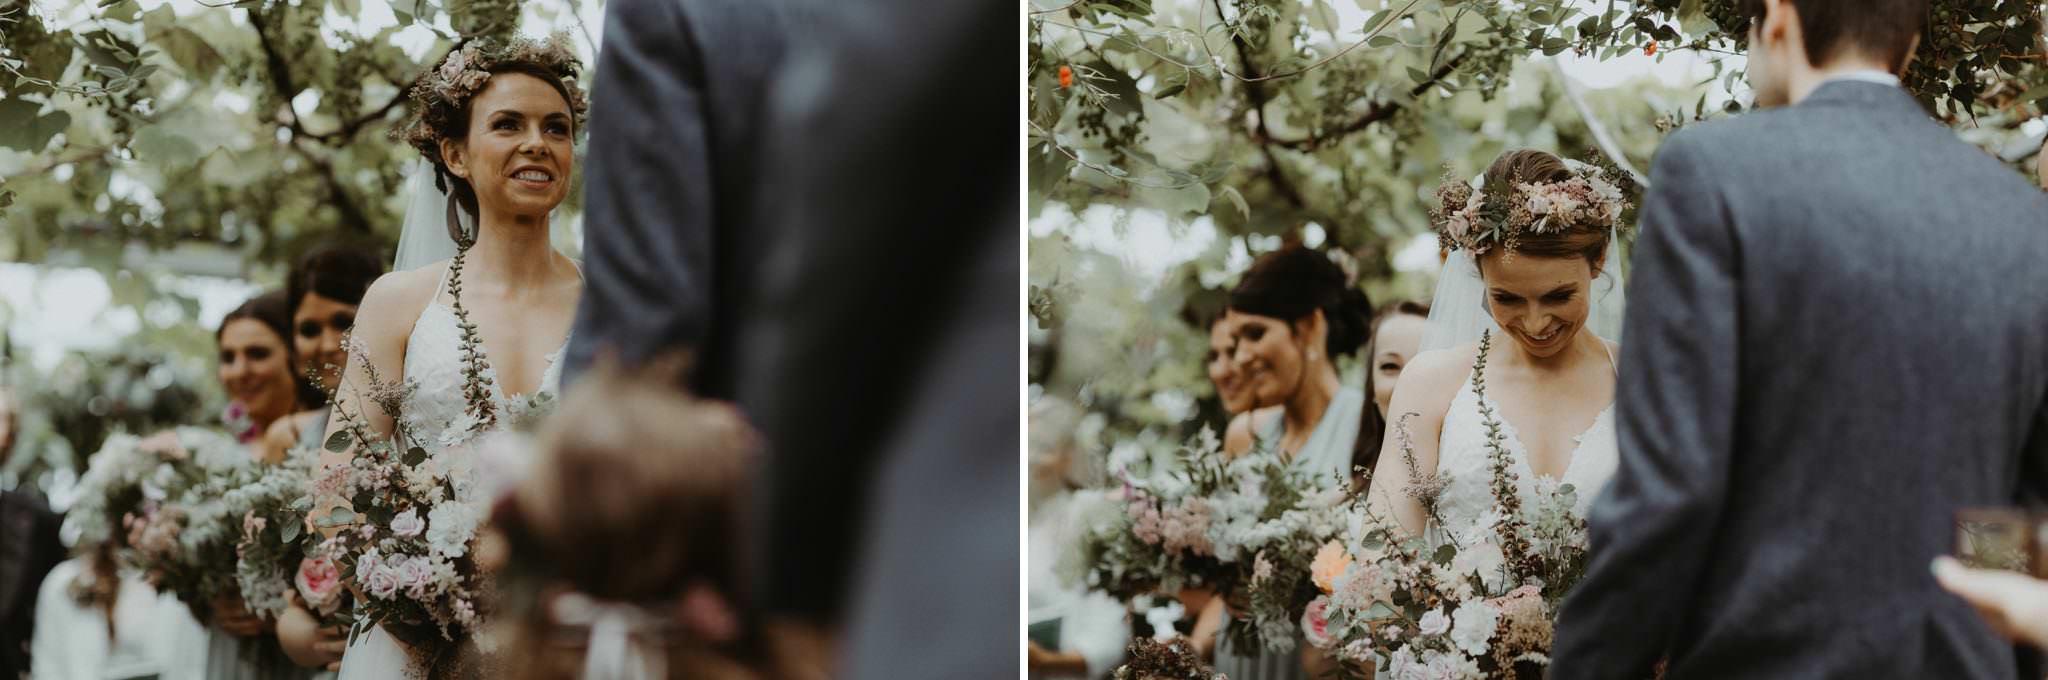 northumberland wedding photographer 064